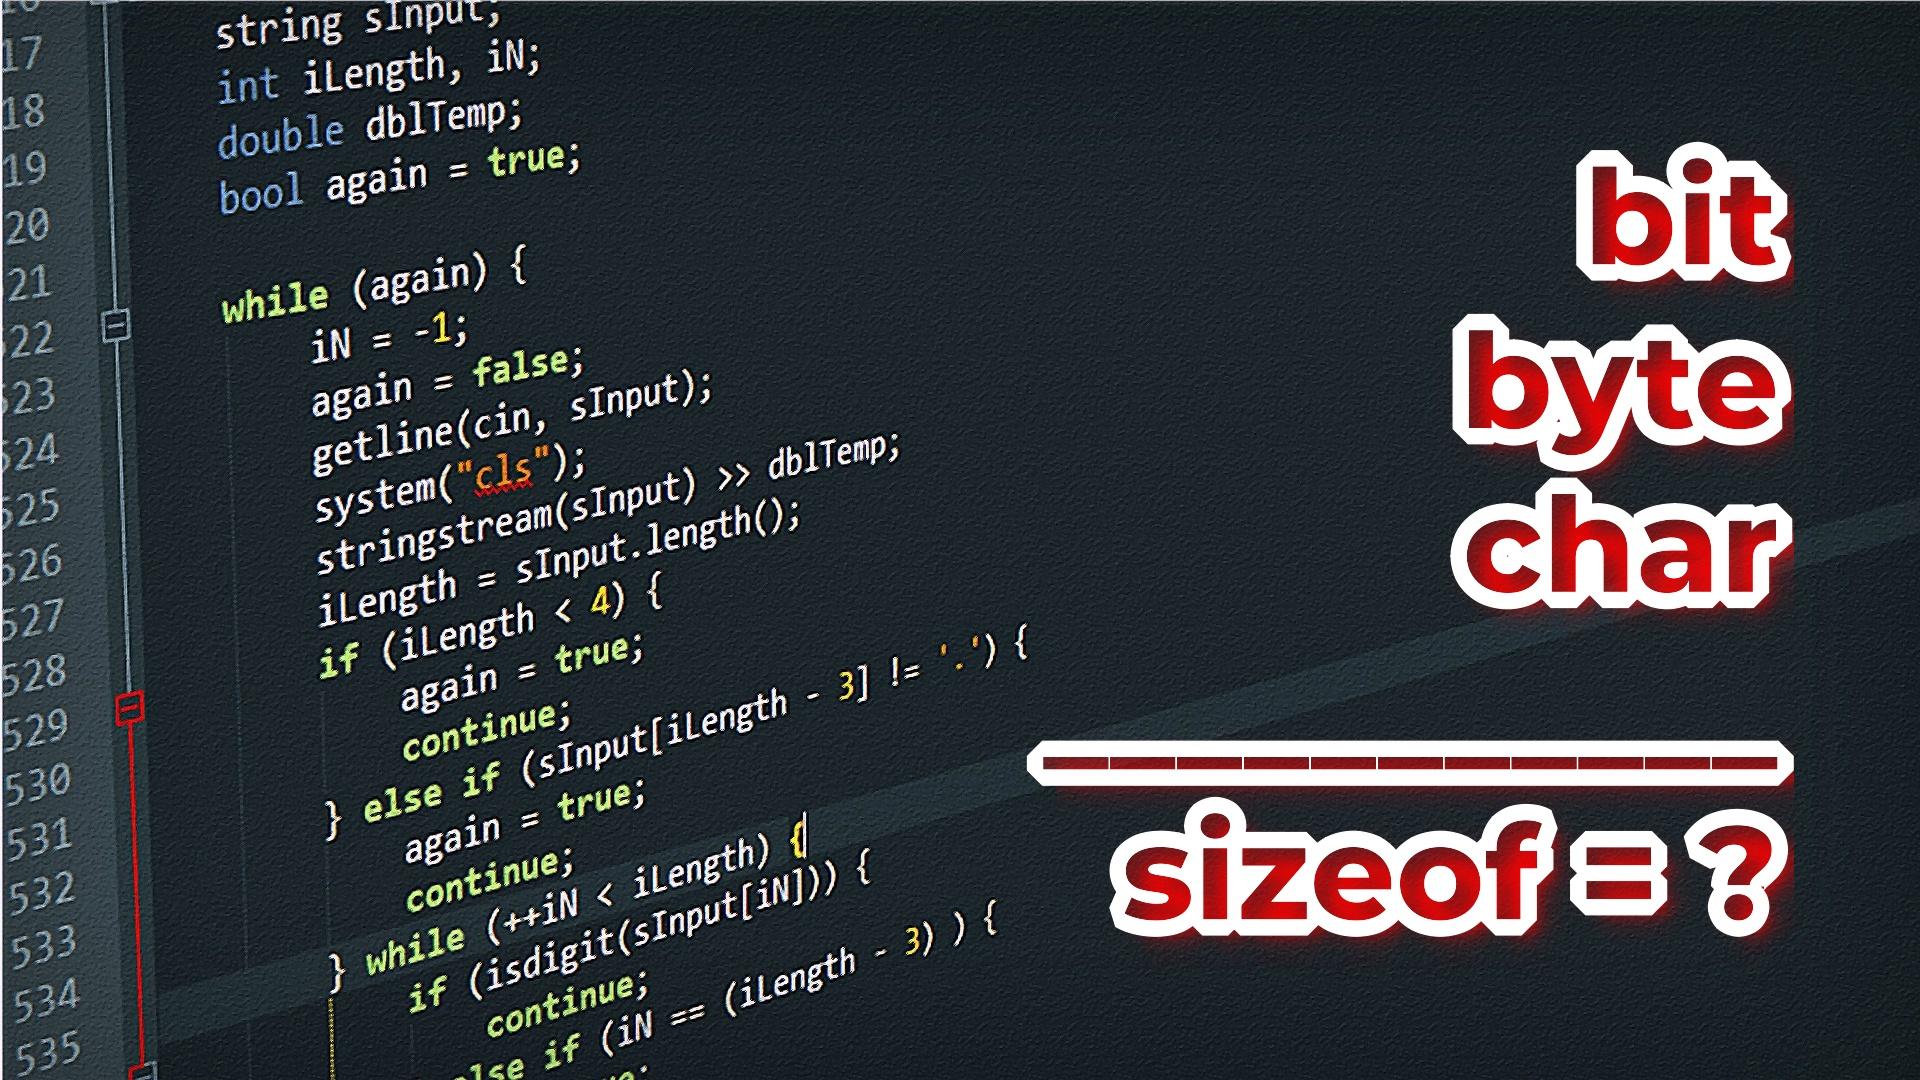 Колко бита е един байт и колко байта е типът char в езика C